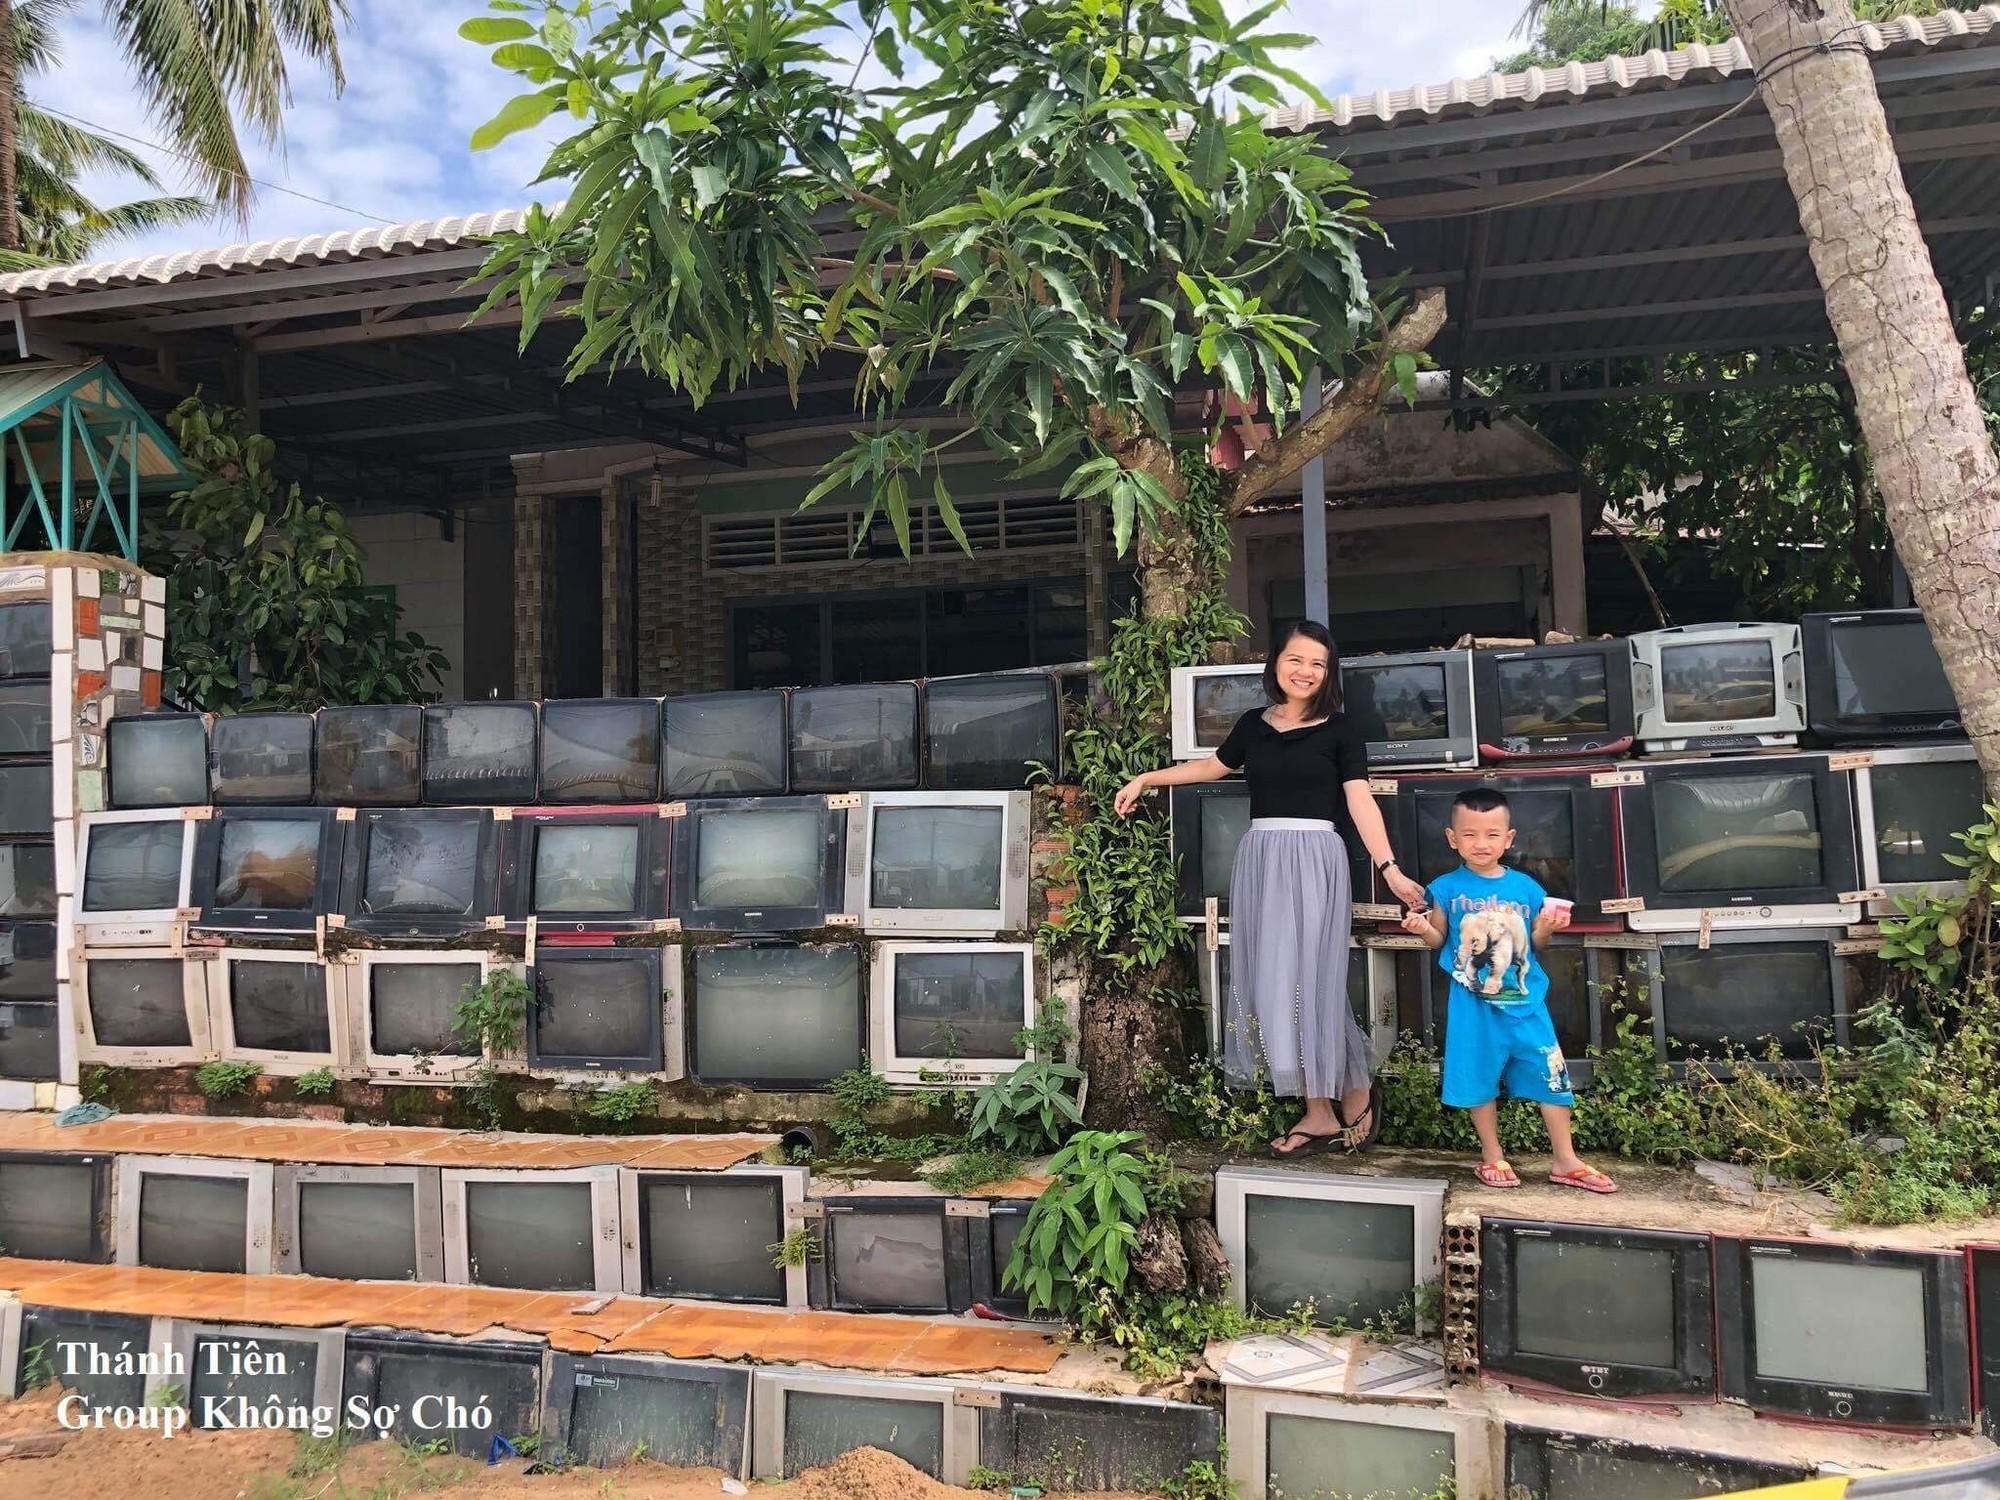 Toàn cảnh chiếc hàng rào có một không hai tại đảo Hòn Thơm, Phú Quốc